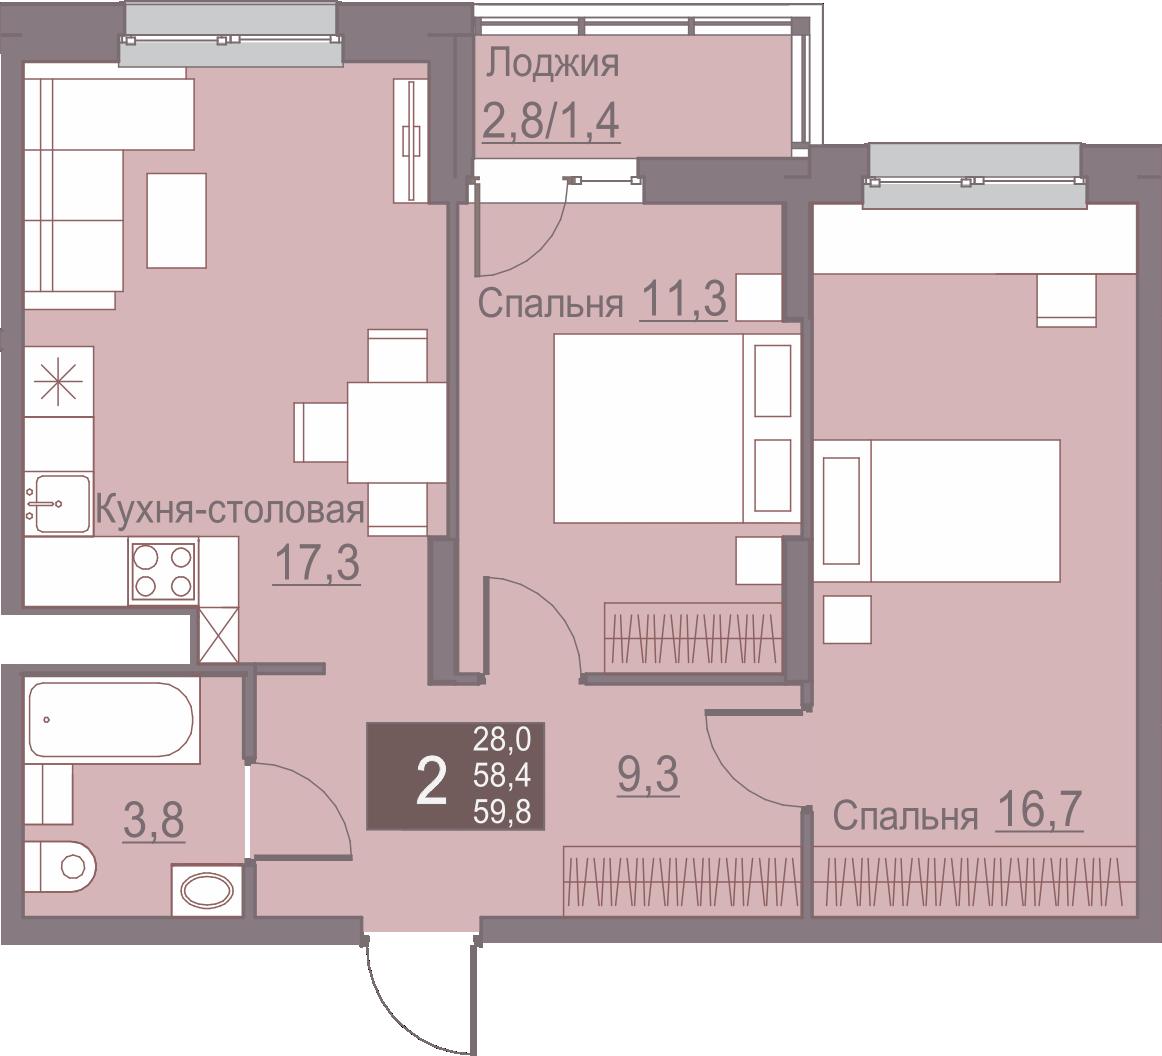 2-комнатная 59.8<span>м<sup>2</sup></span>